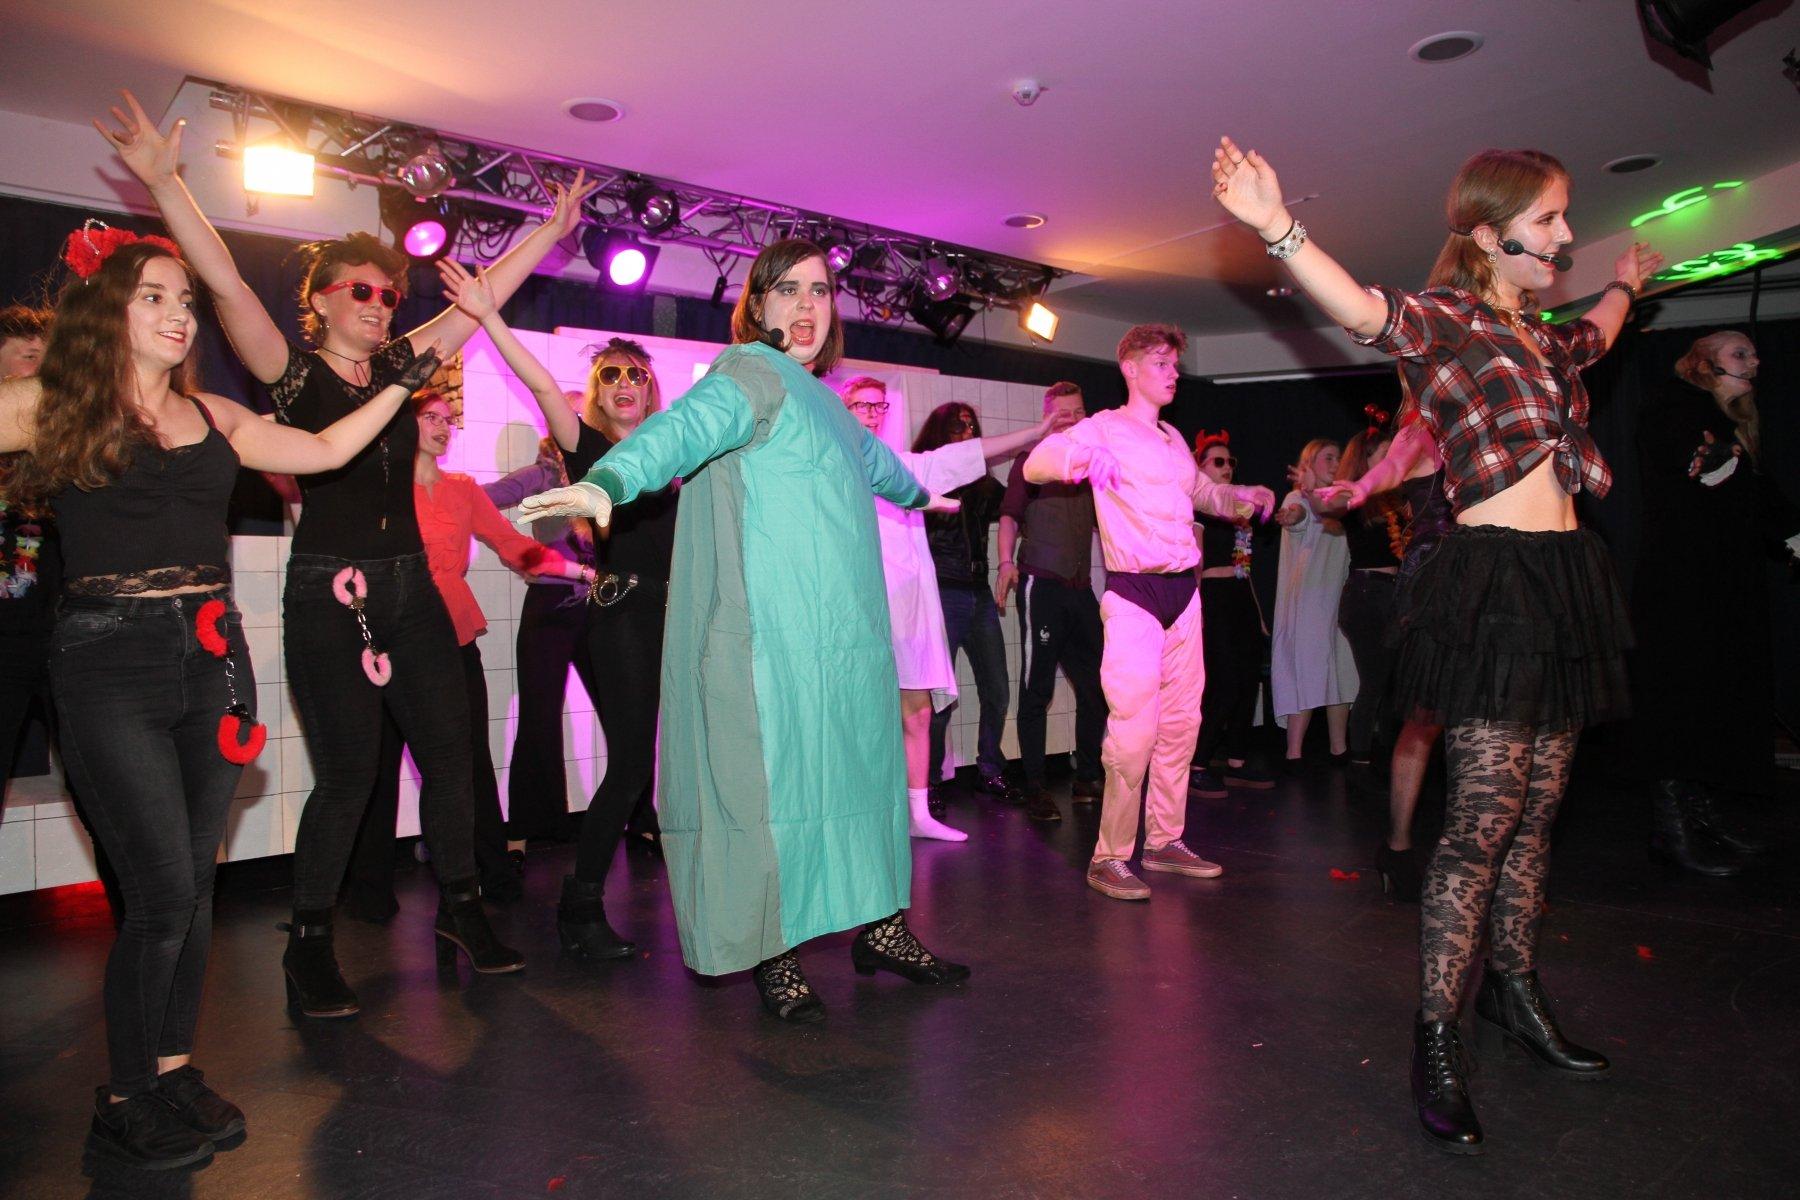 Fetzige Tanzeinlage der Akteure des HHG während der Aufführung auf der Bühne des Pädagogischen Zentrums. (Fotos: IN-StadtMagazine)